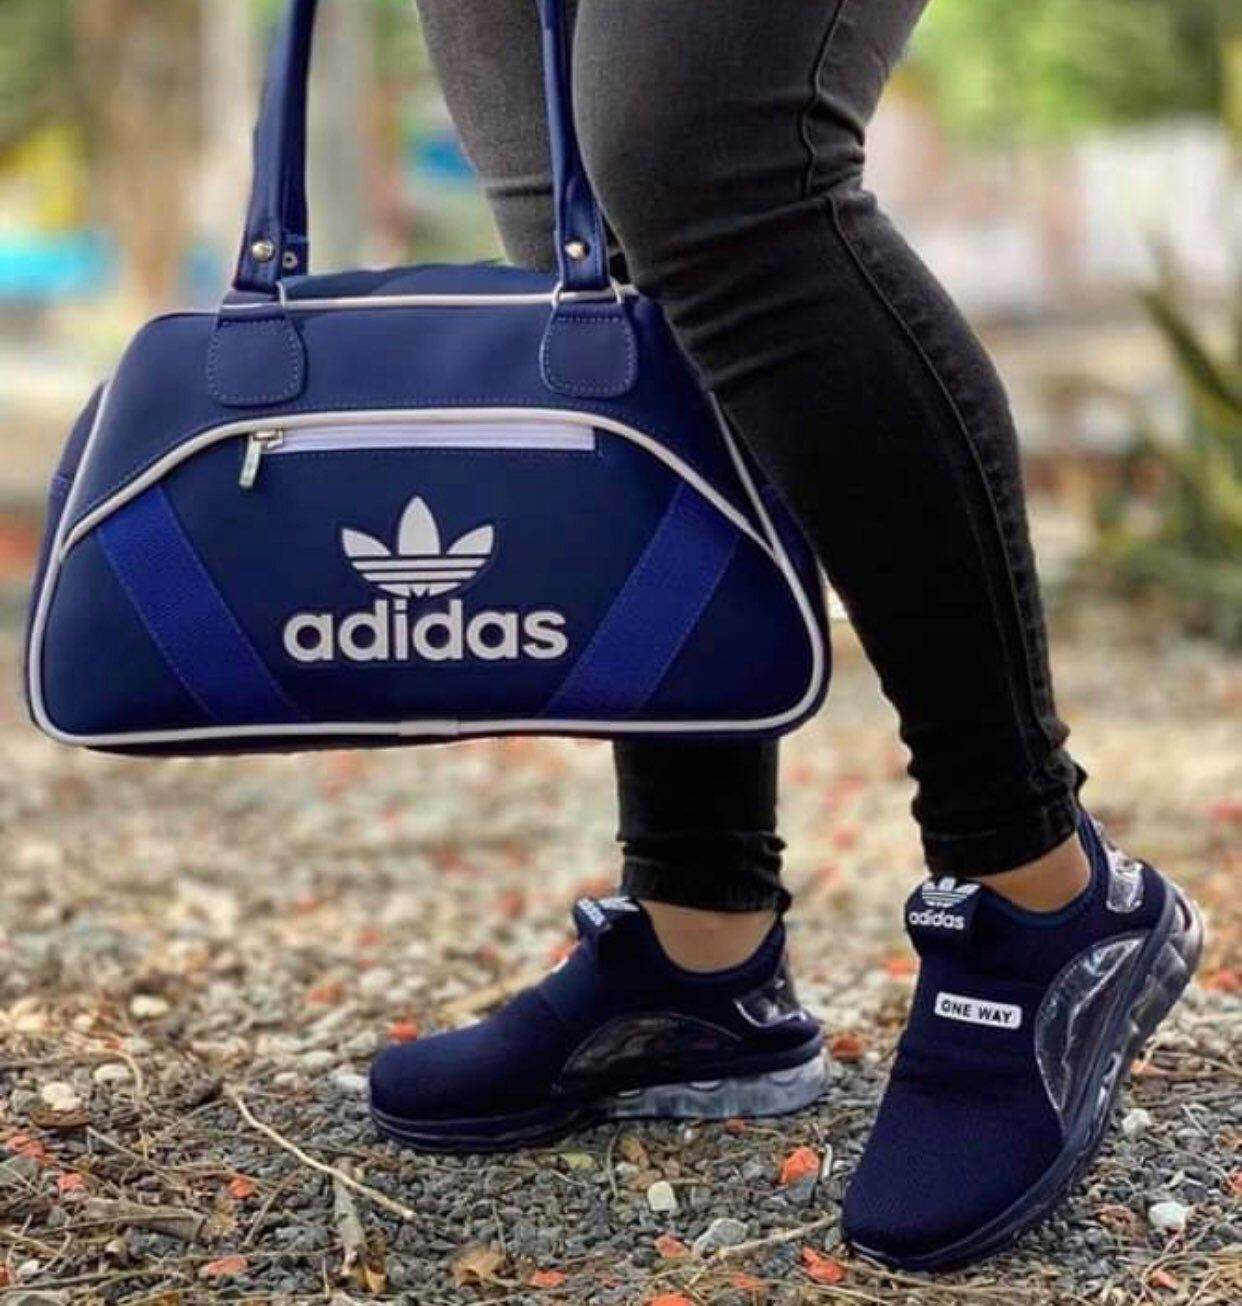 adidas sneaker and bag set | Puma shoes